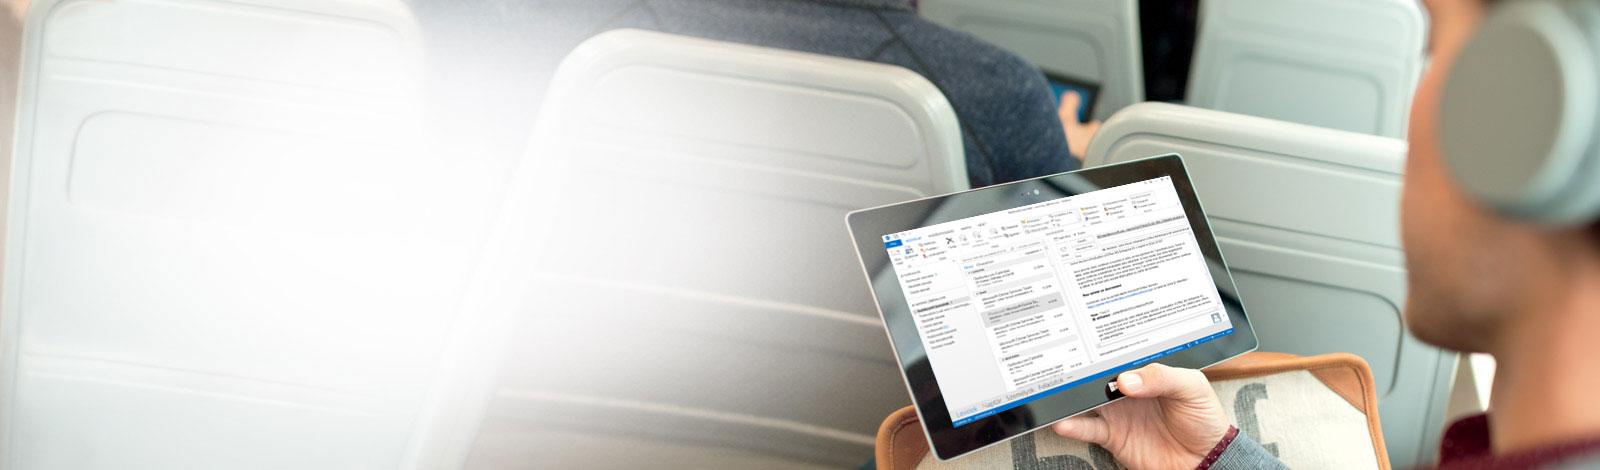 Egy férfi táblagépet tart és a beérkezett üzeneteit mutatja. Az Office 365-tel bárhol elérhetők az e-mailek.